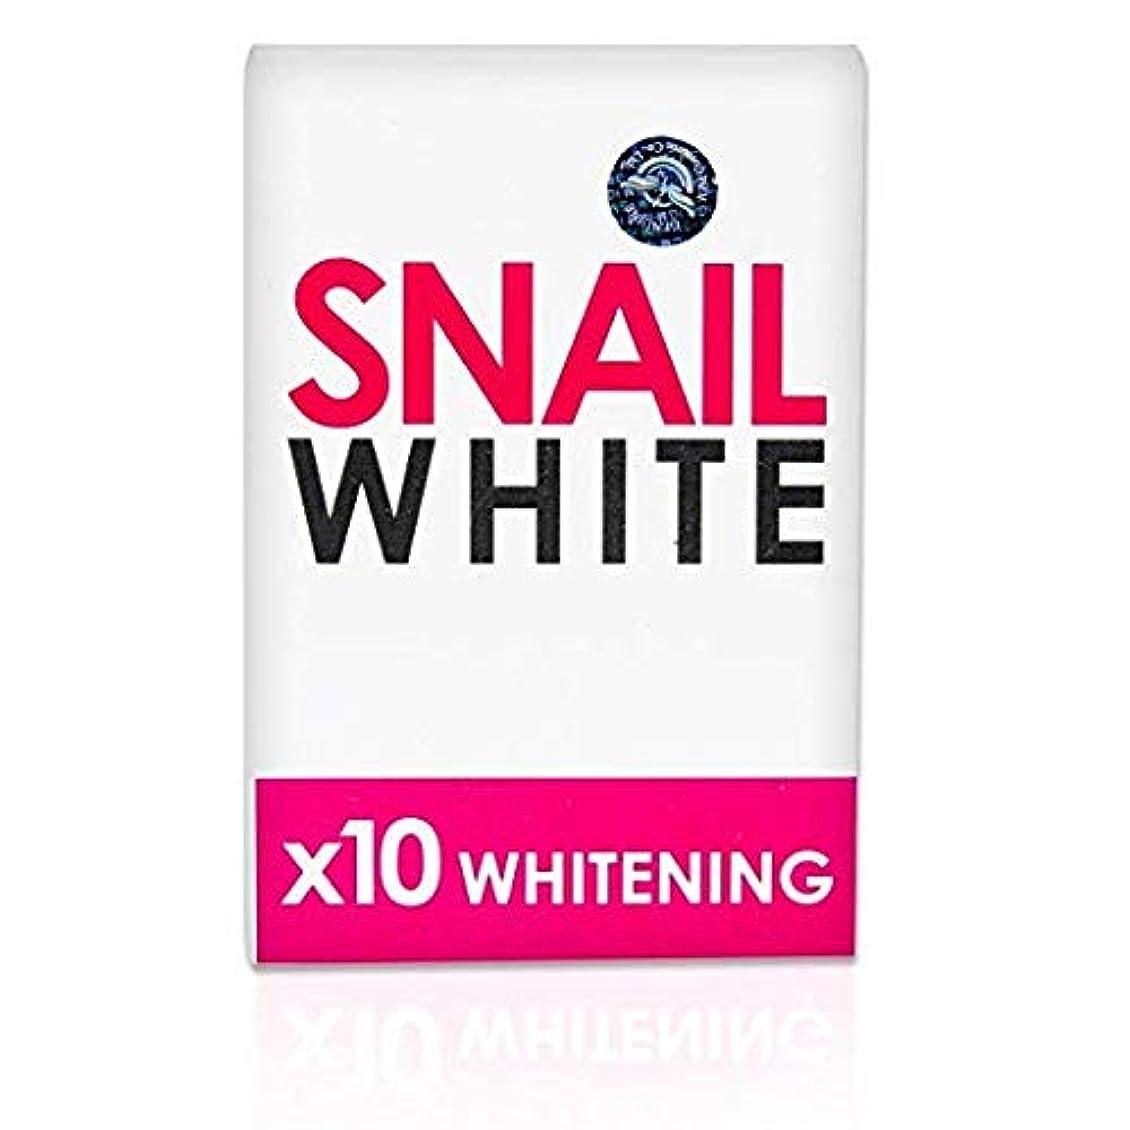 カバーヨーロッパ製品スネイルホワイト Gluta Snail White x10 Whitening by Dream ホワイトニング 固形石鹸 2個